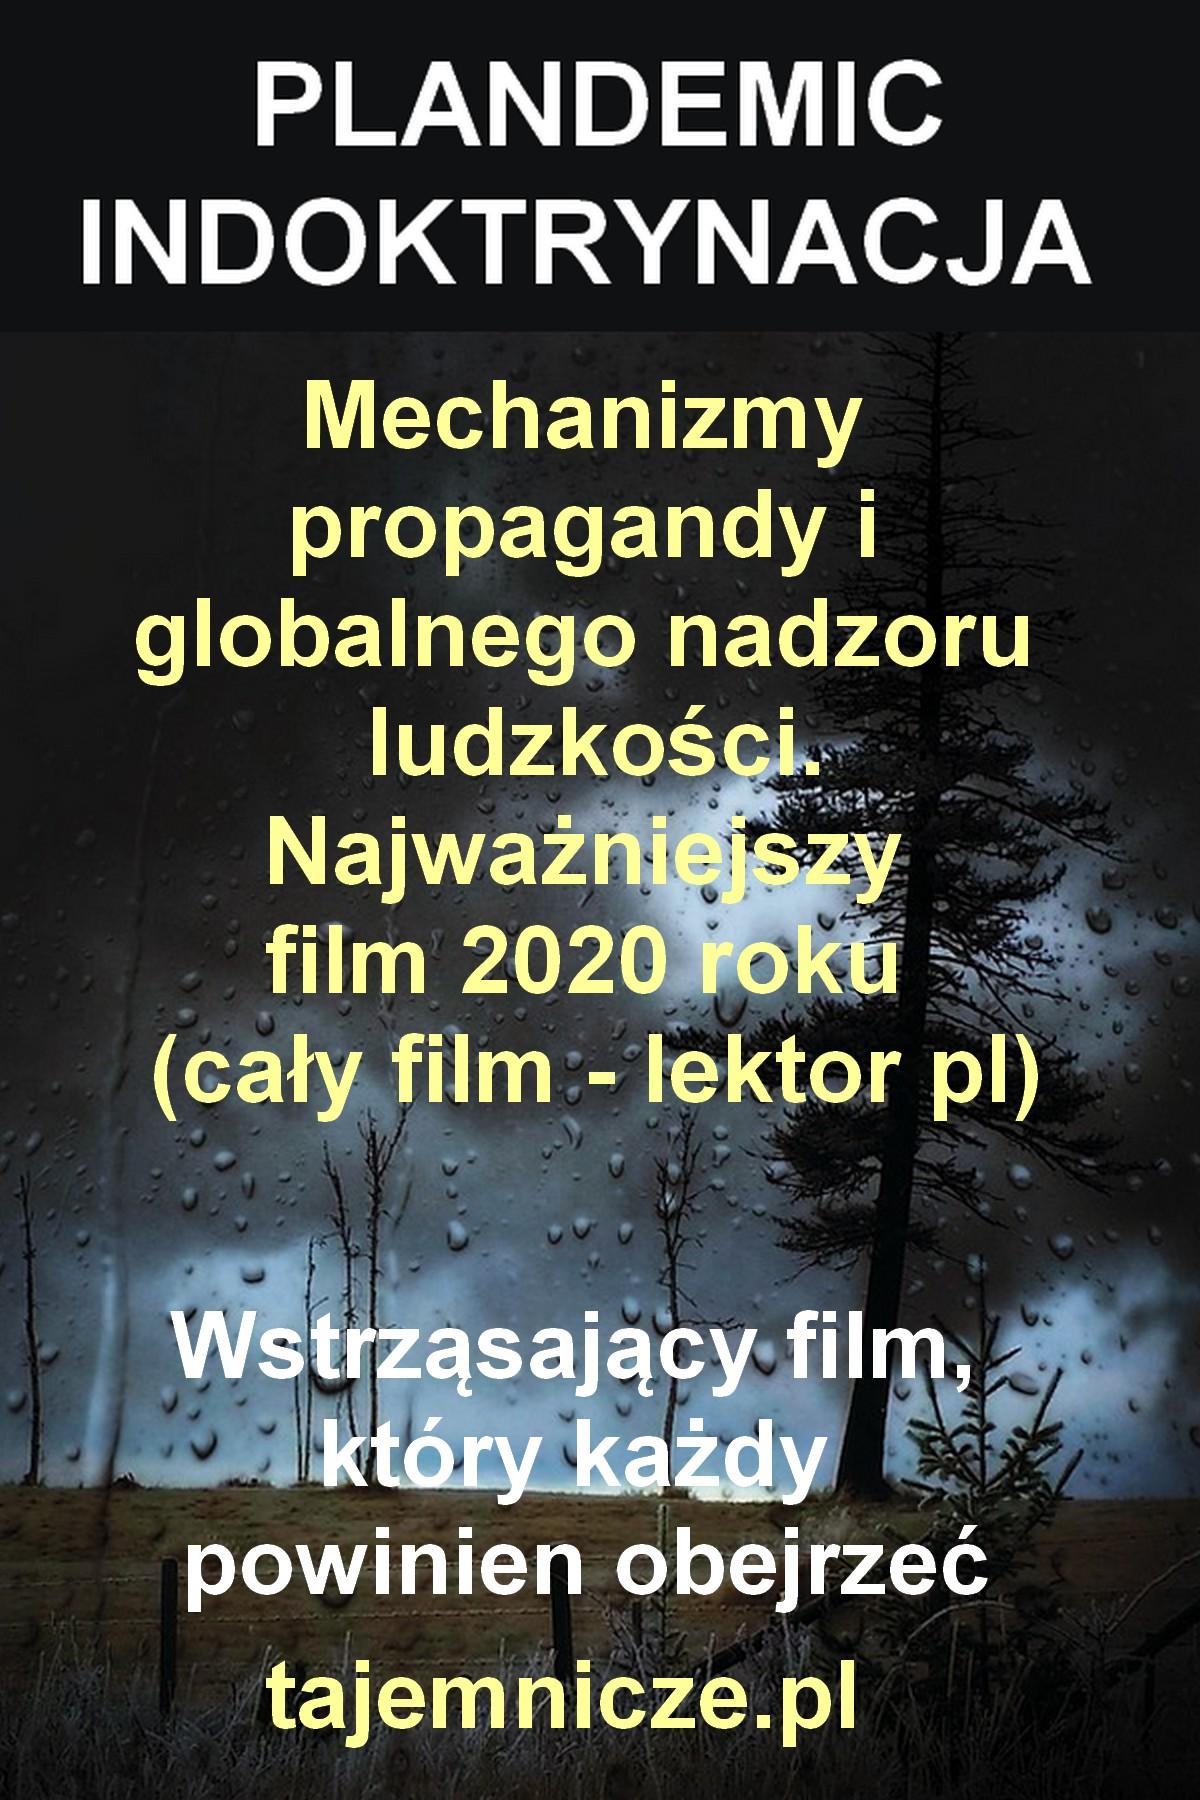 tajemnicze.pl-plandemic-indoktrynacja-film-caly